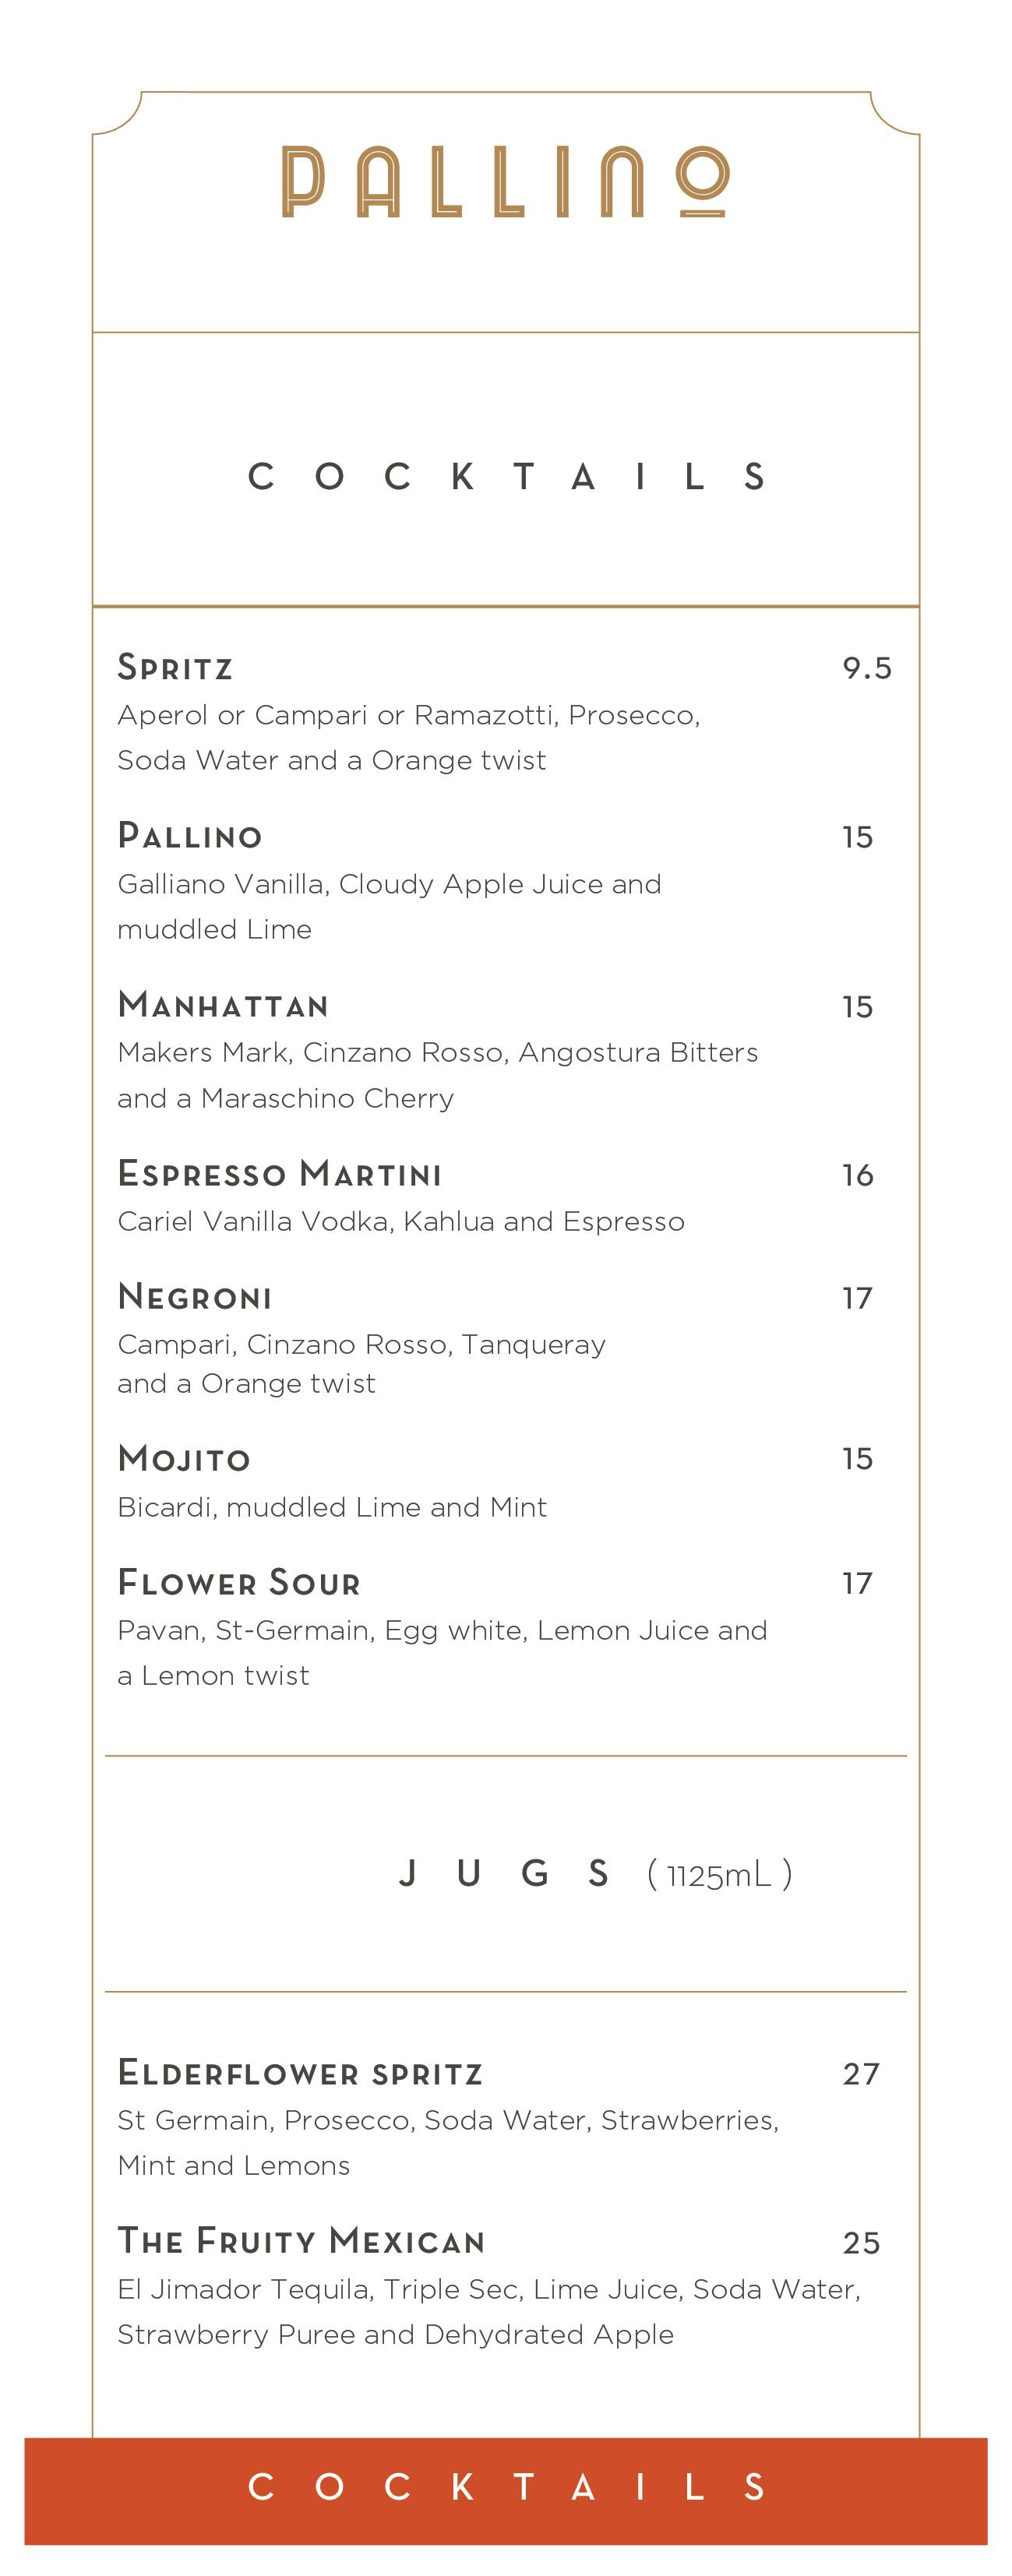 Pallino_Menu-Cocktails